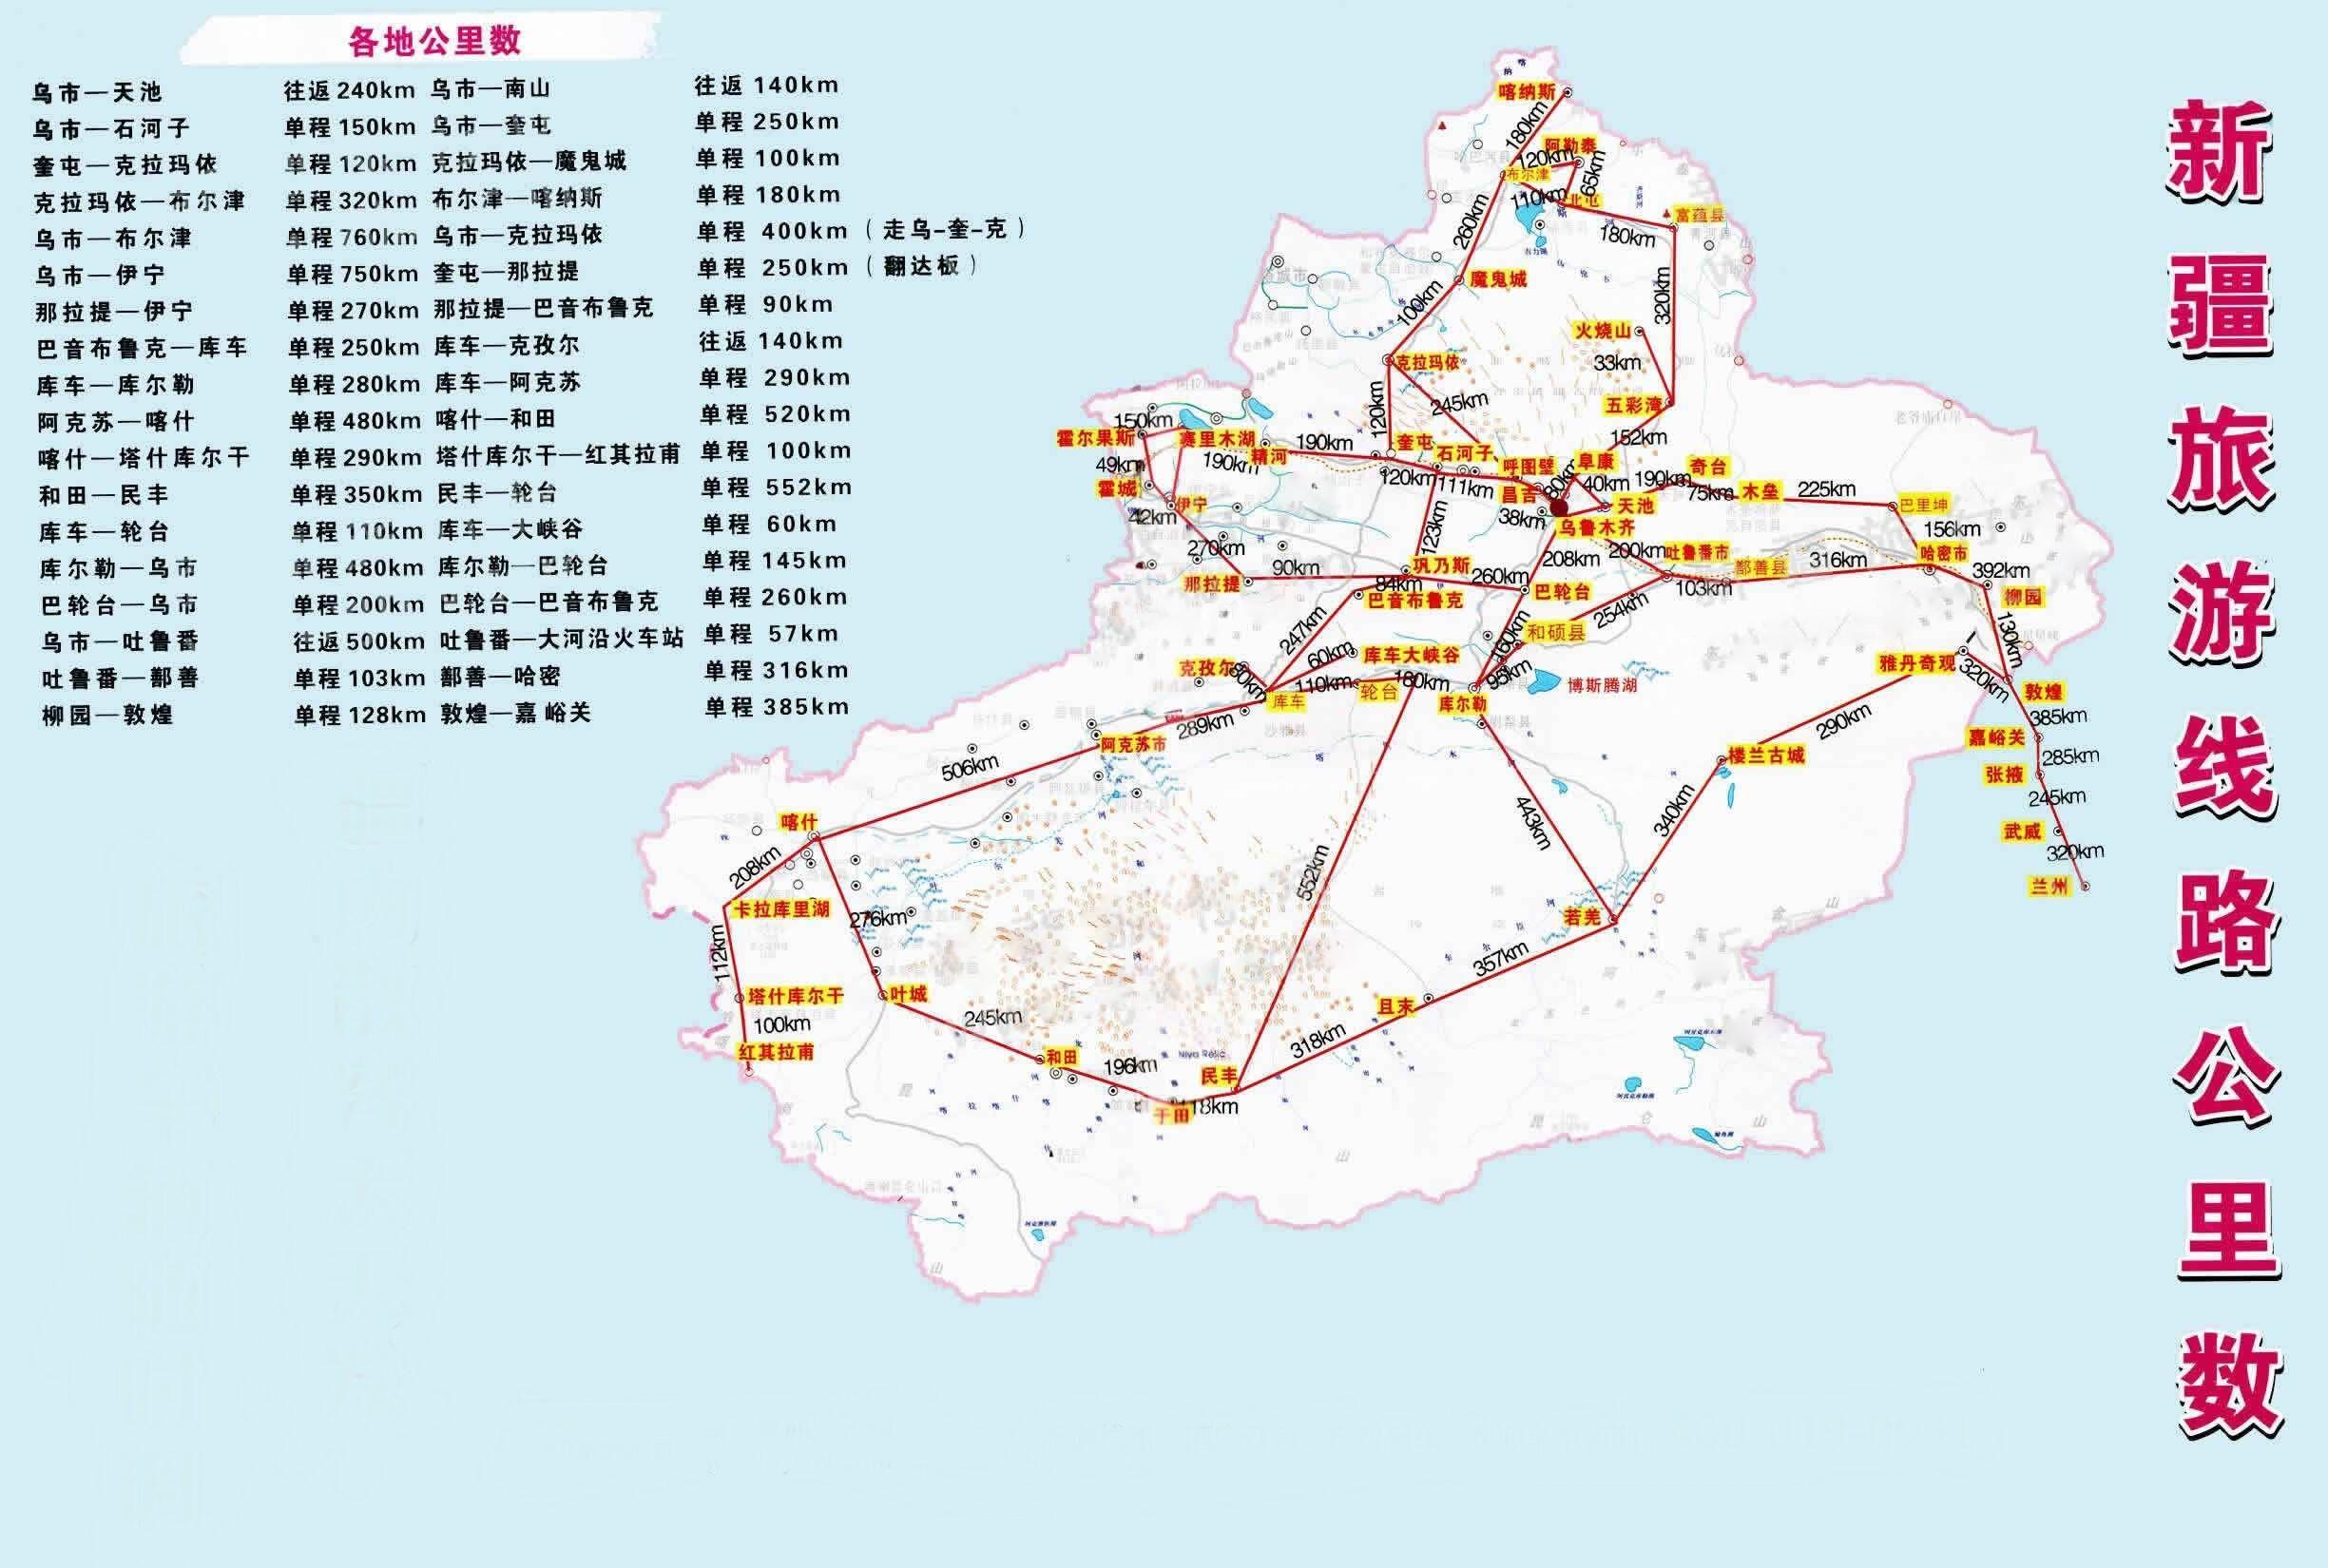 新疆南疆铁路地图